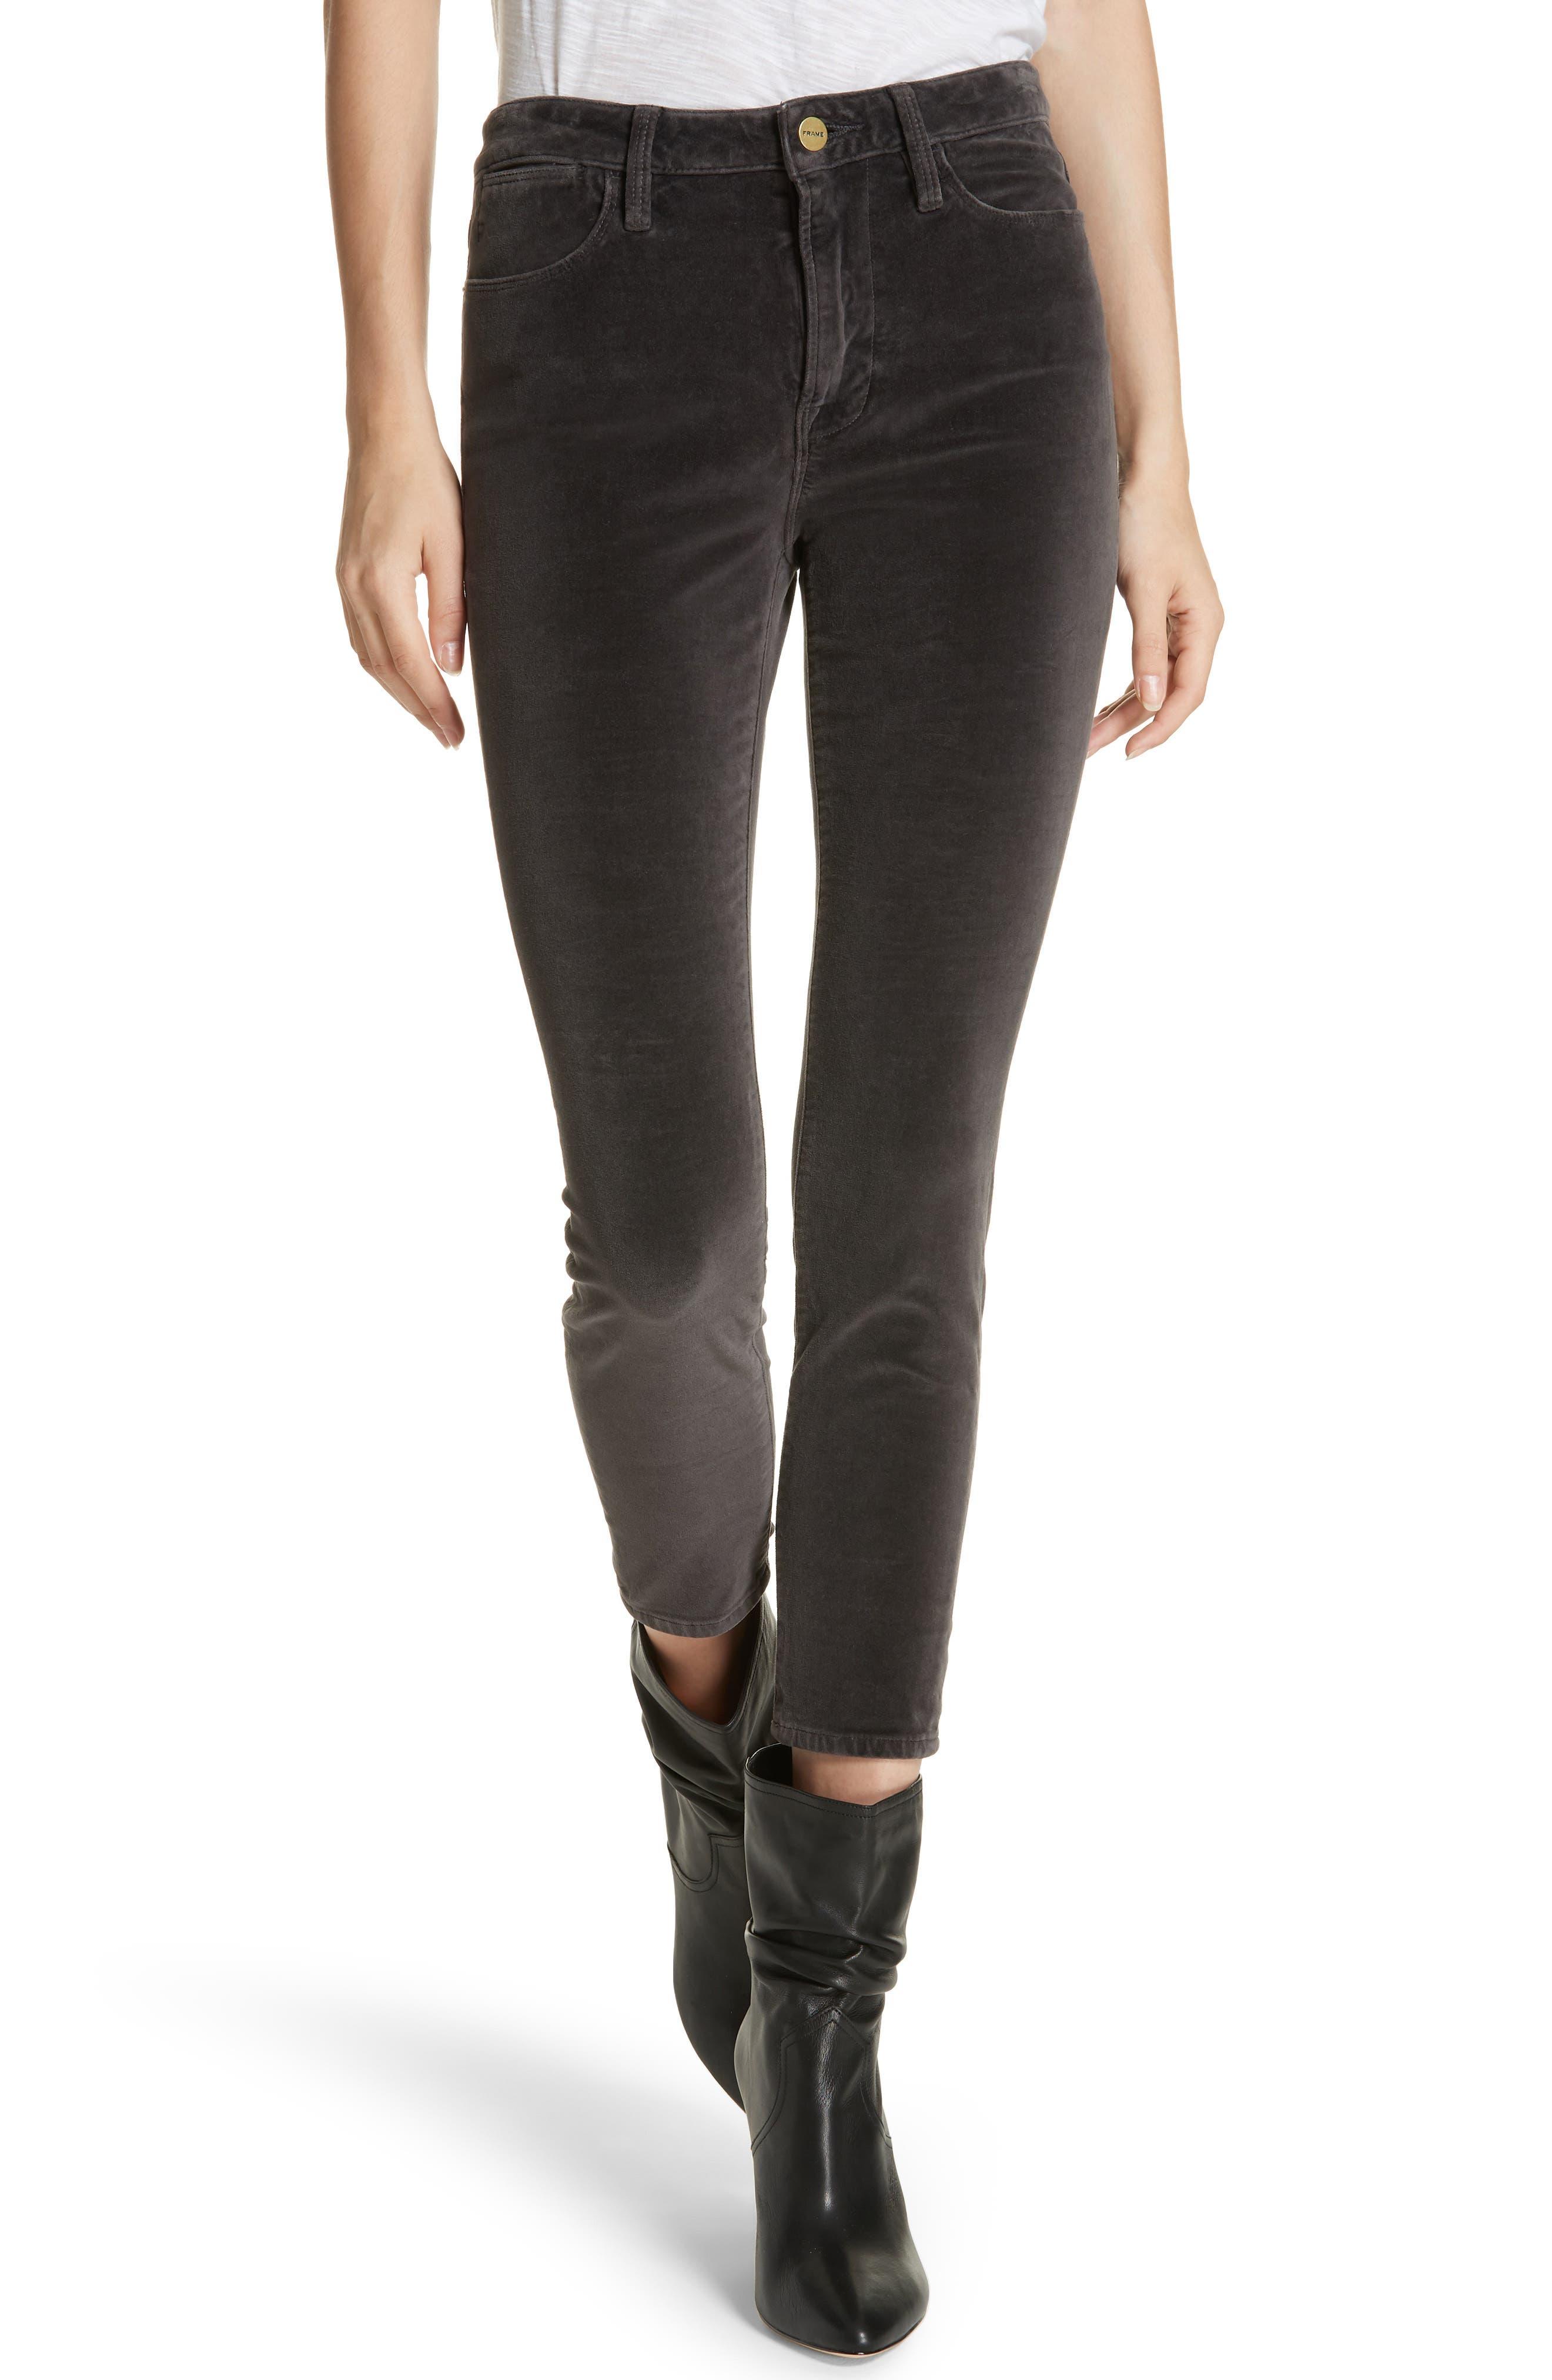 Velveteen High Waist Skinny Pants,                             Main thumbnail 1, color,